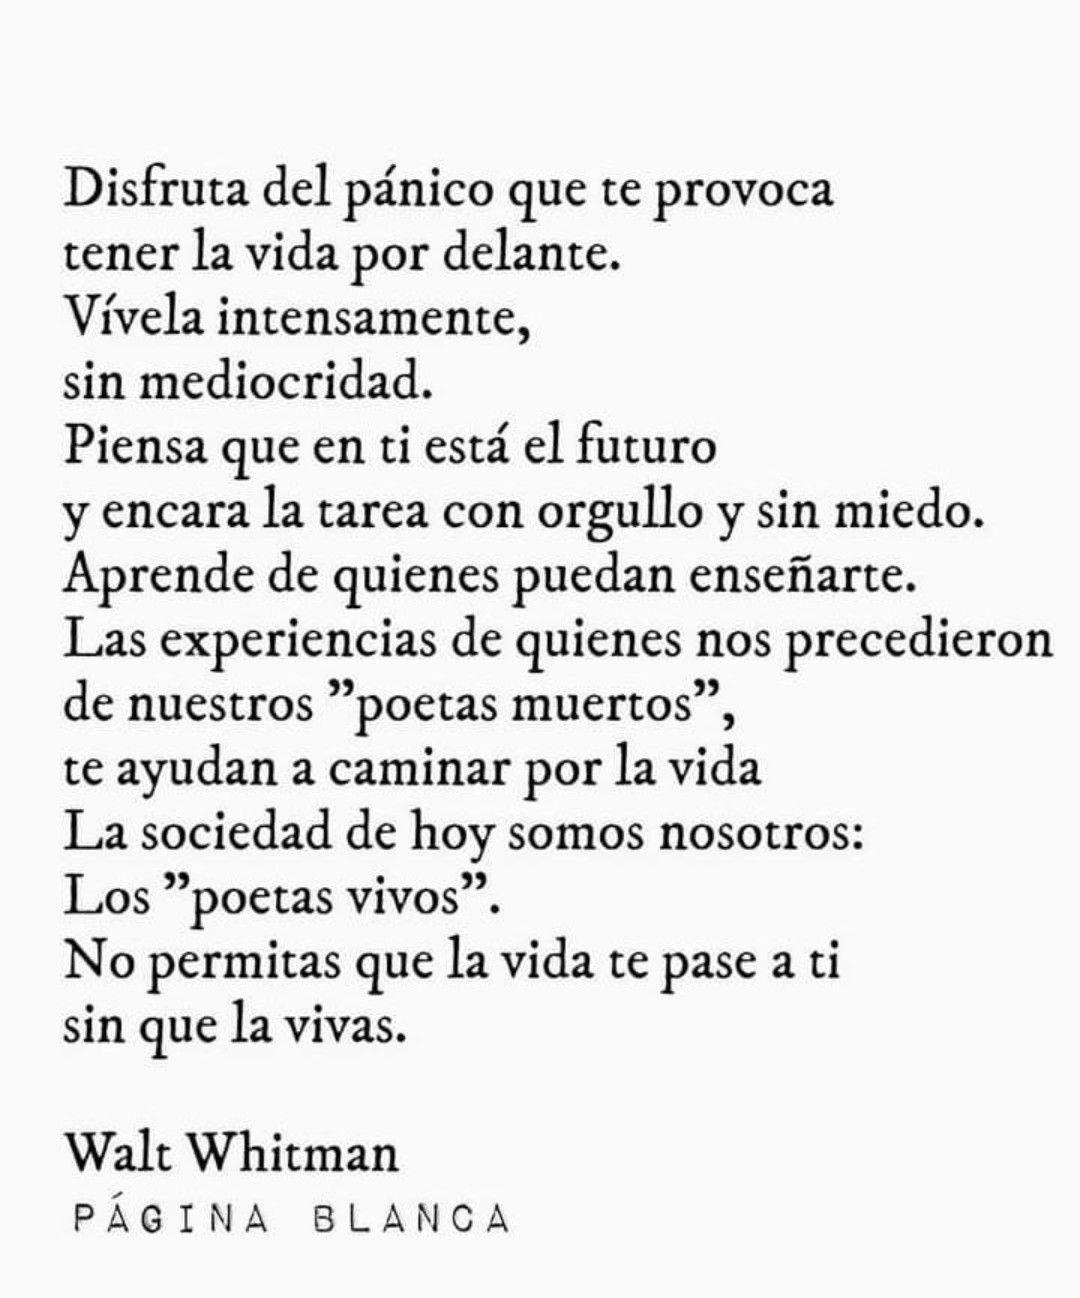 Pin De Luisa Fernanda En Quotes Poetas Muertos Pensandote Intenso